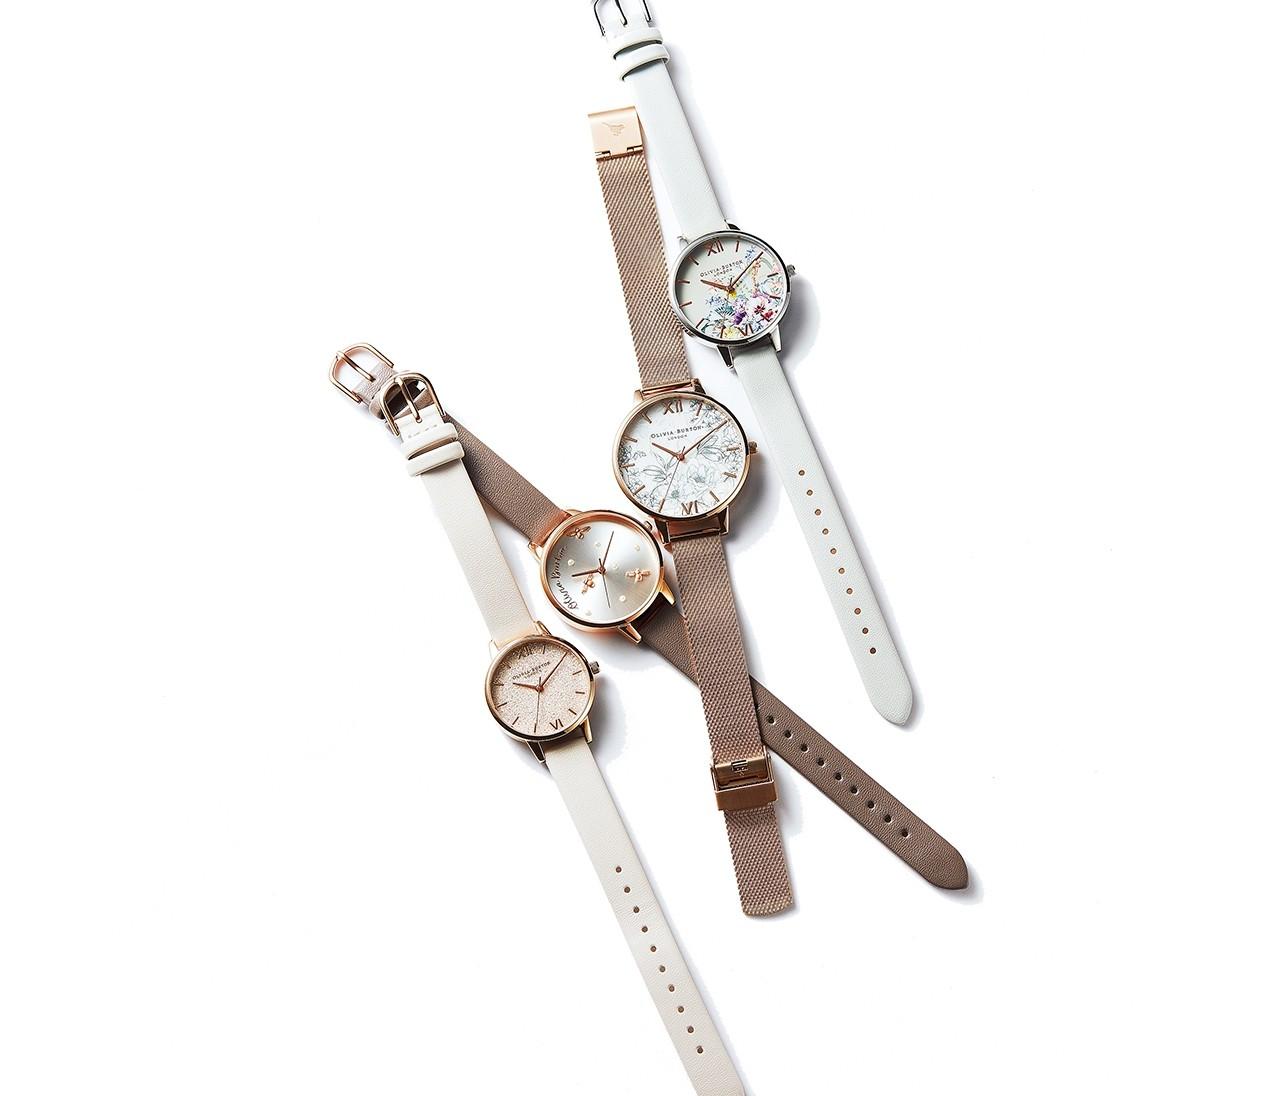 ほんのり甘めなオリビア・バートンの時計は、大人の可愛げにちょうどいい!